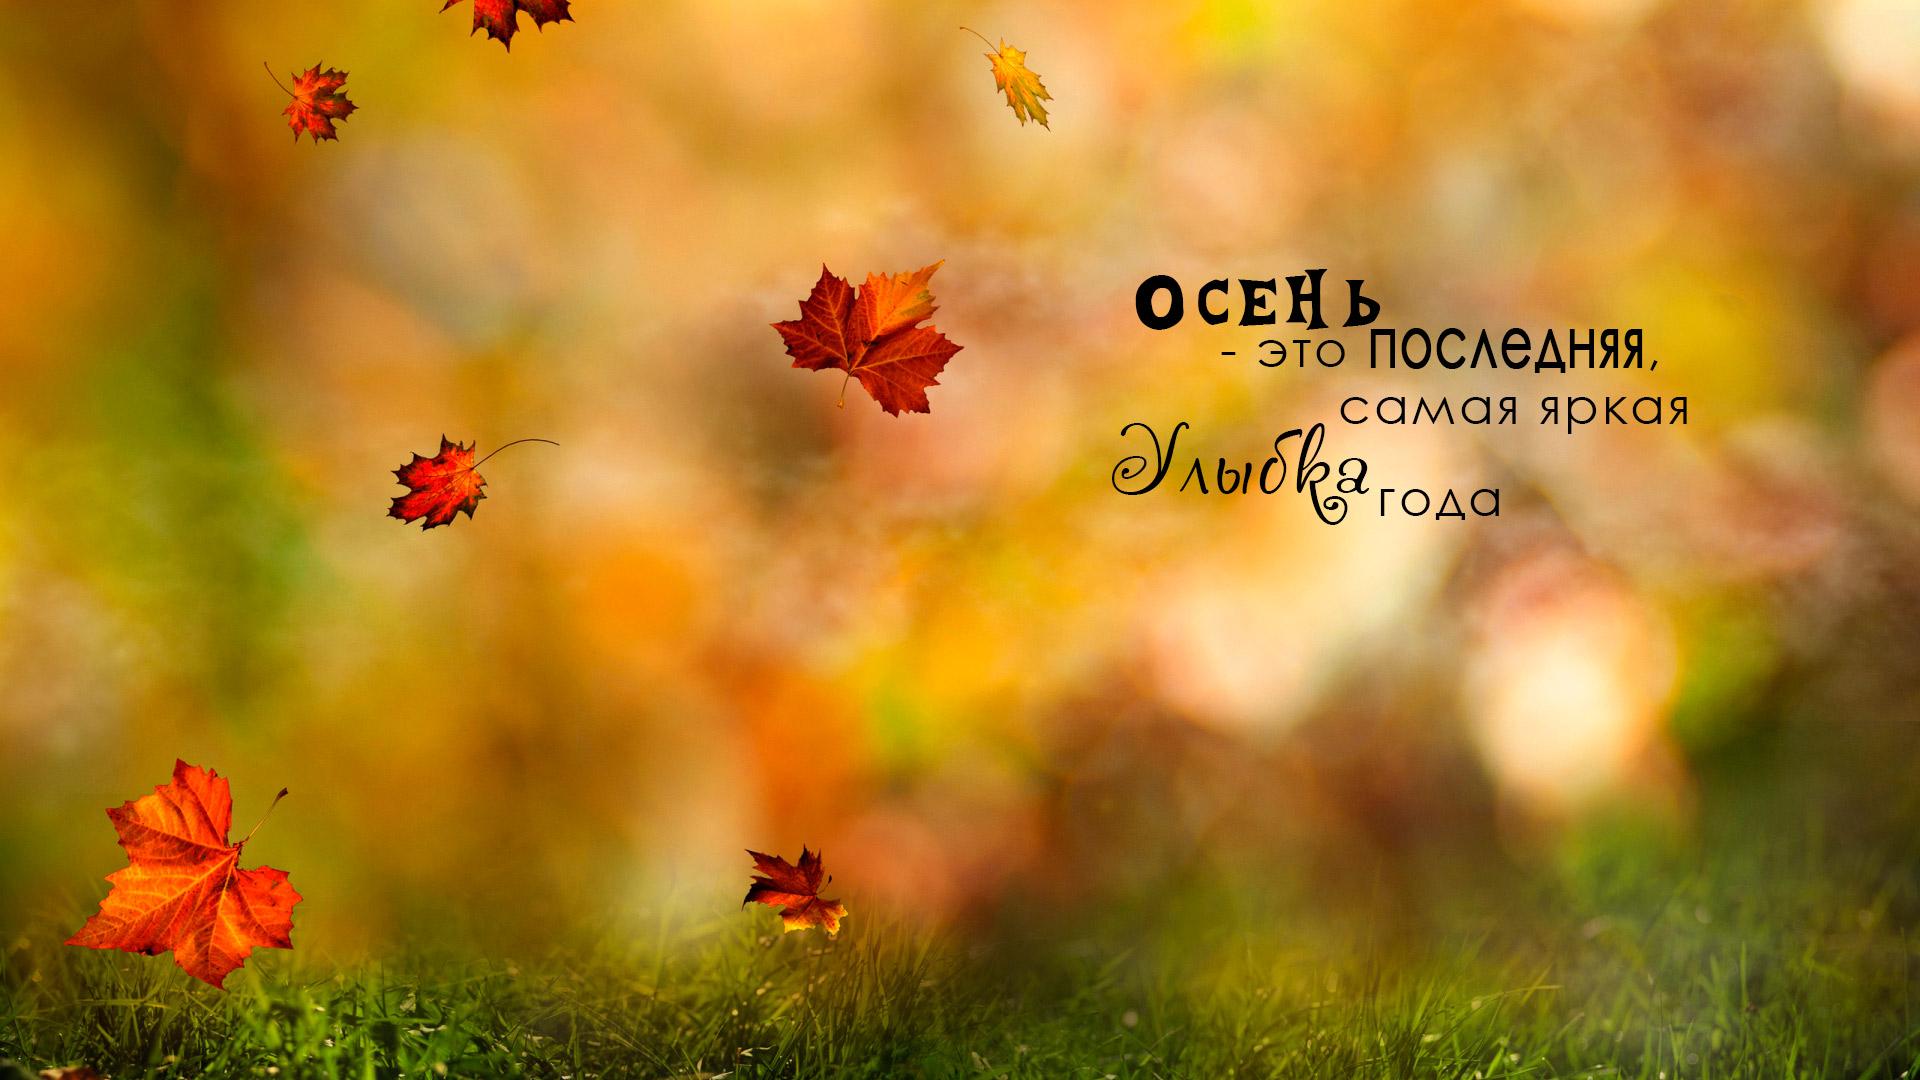 Осень - это последняя самая яркая Улыбка года